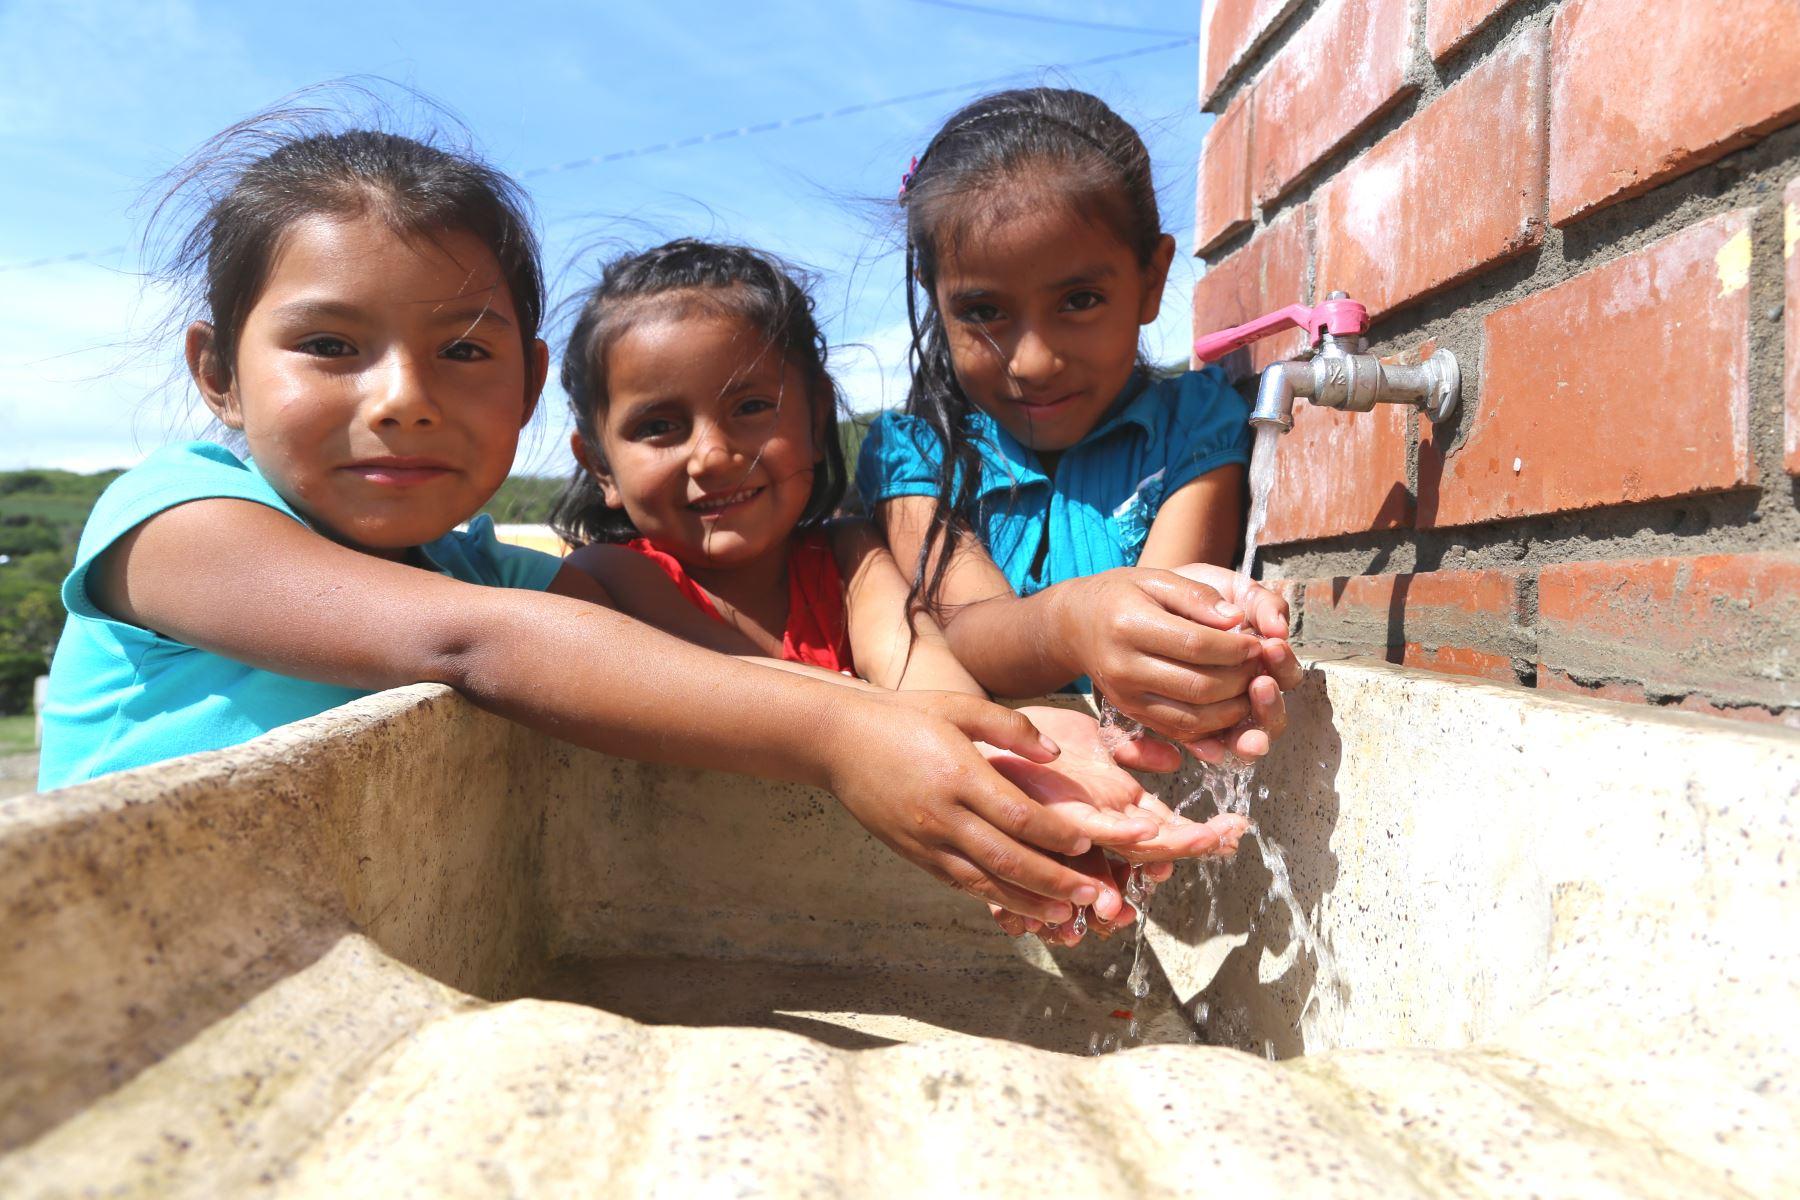 Las comunidades nativas de las cuencas de los ríos Pastaza, Corrientes, Tigre y Marañón, en el departamento de Loreto, accederán a agua de calidad.